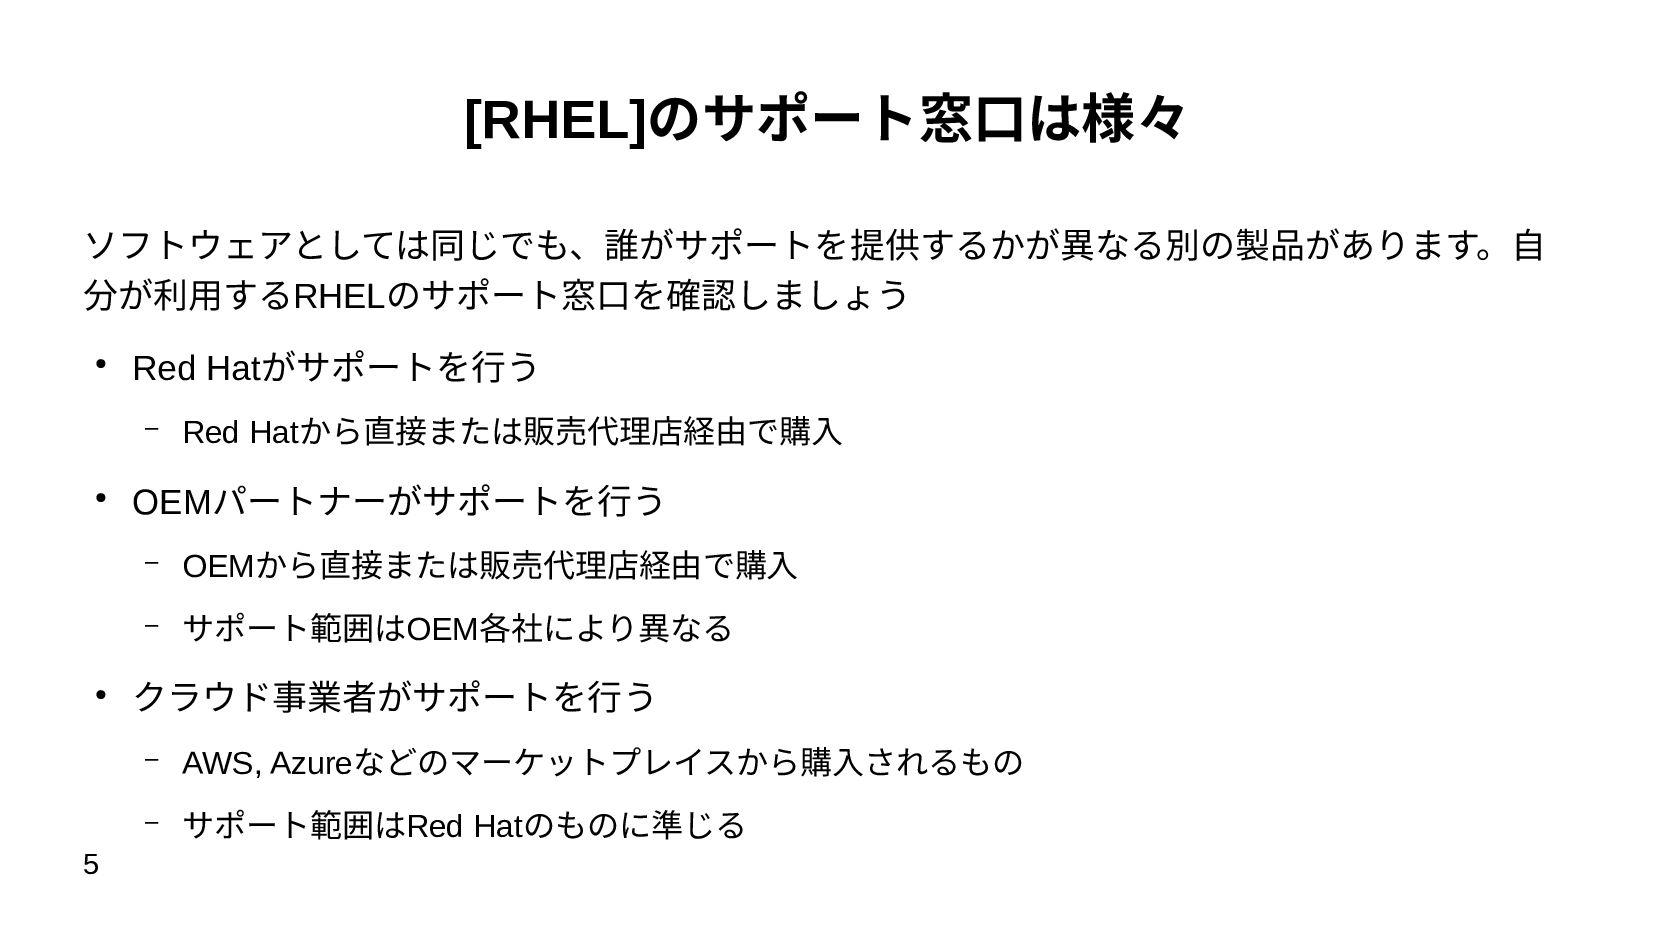 5 [RHEL]のサポート窓口は様々 ソフトウェアとしては同じでも、誰がサポートを提供するかが...